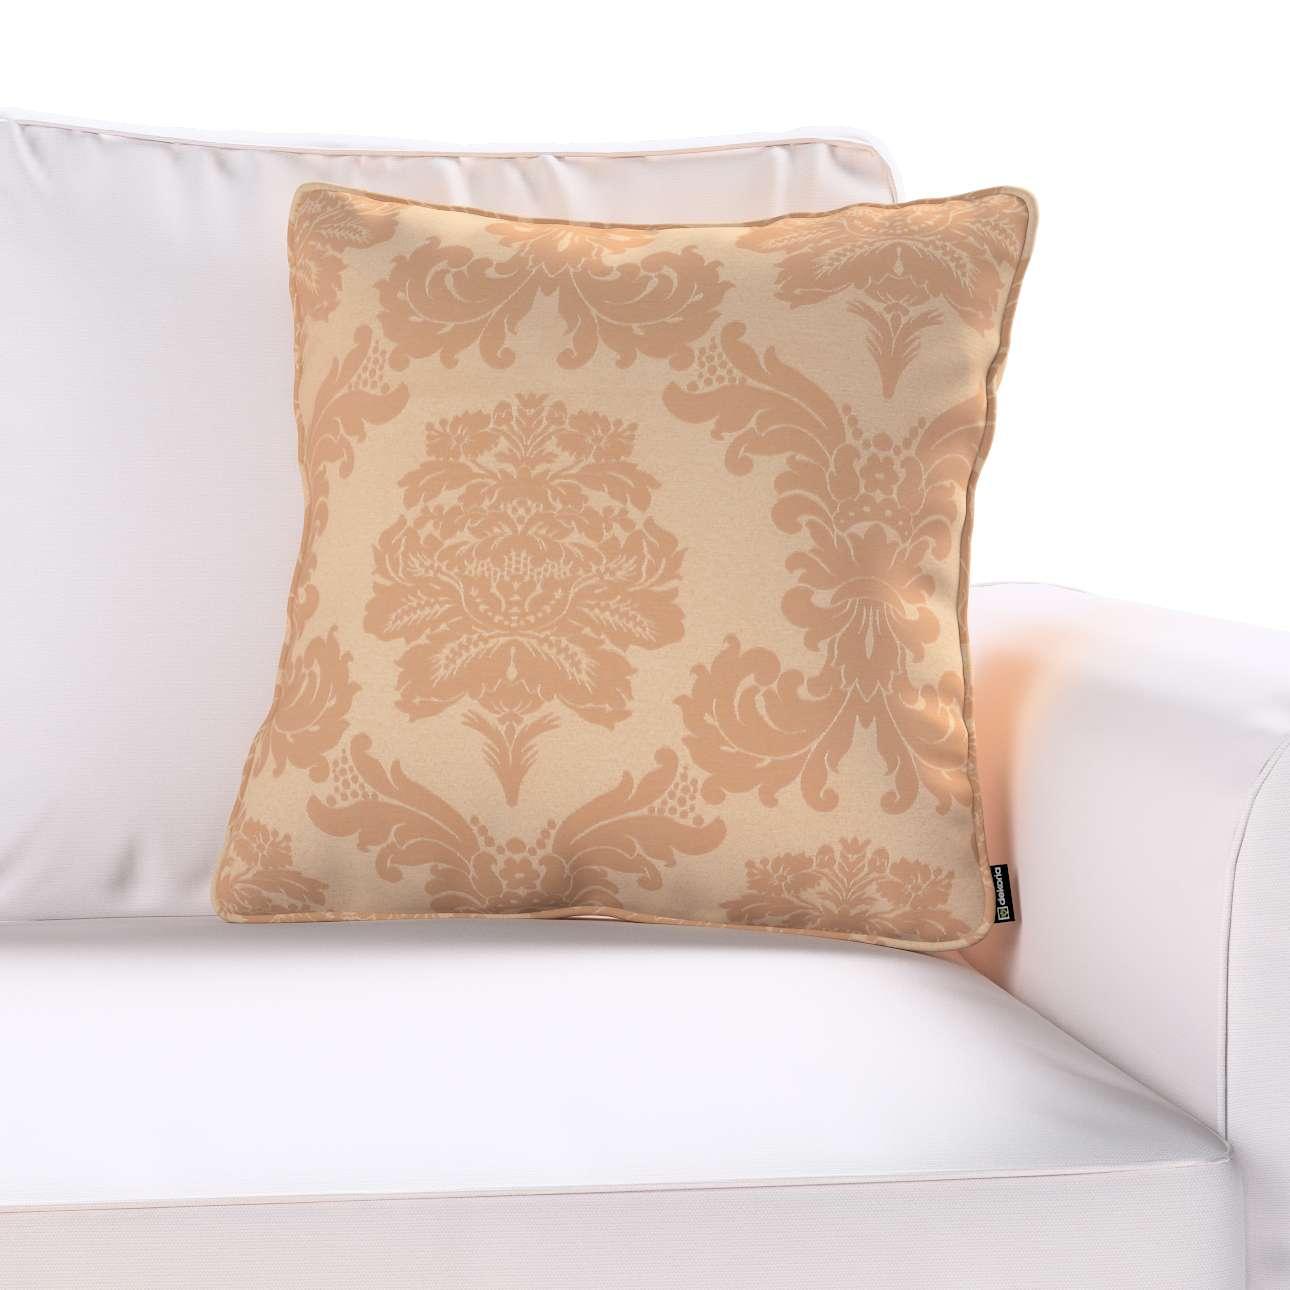 Poszewka Gabi na poduszkę w kolekcji Damasco, tkanina: 613-04